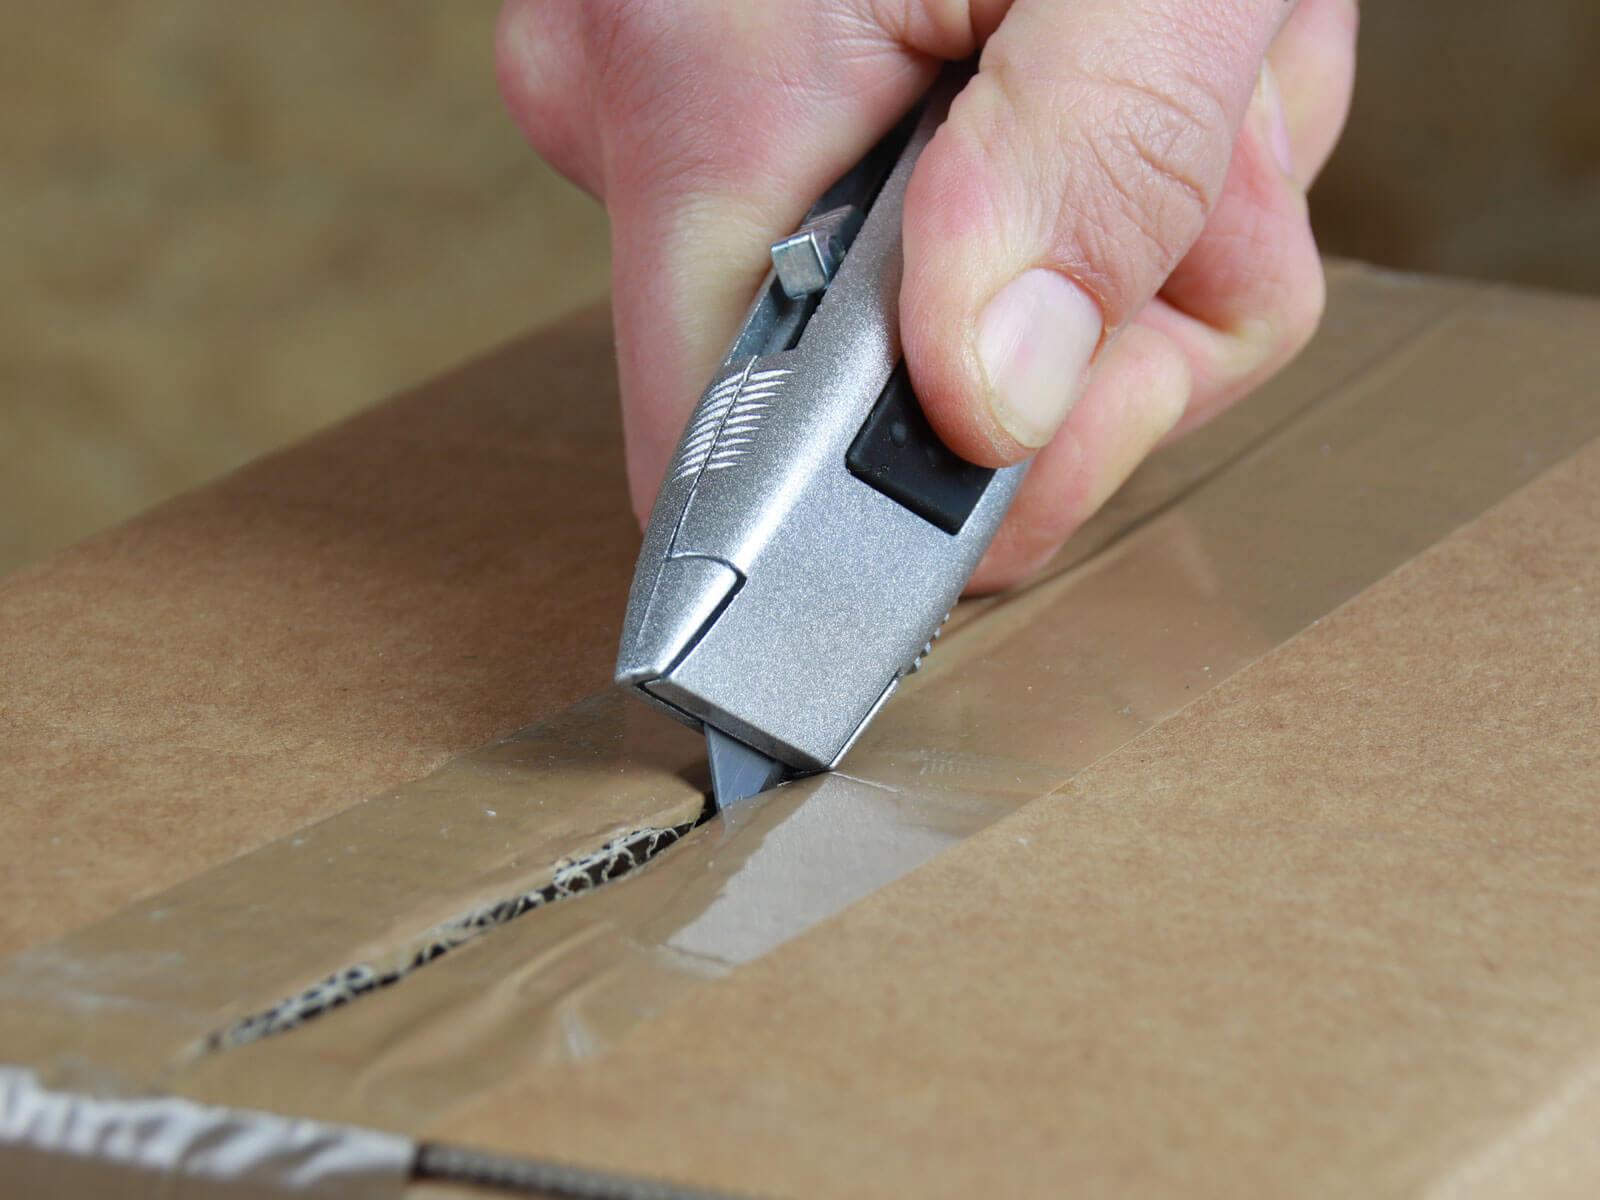 U014 Sicherheitsmesser automatischer Klingenrückzug Klebeband schneiden CURT-tools